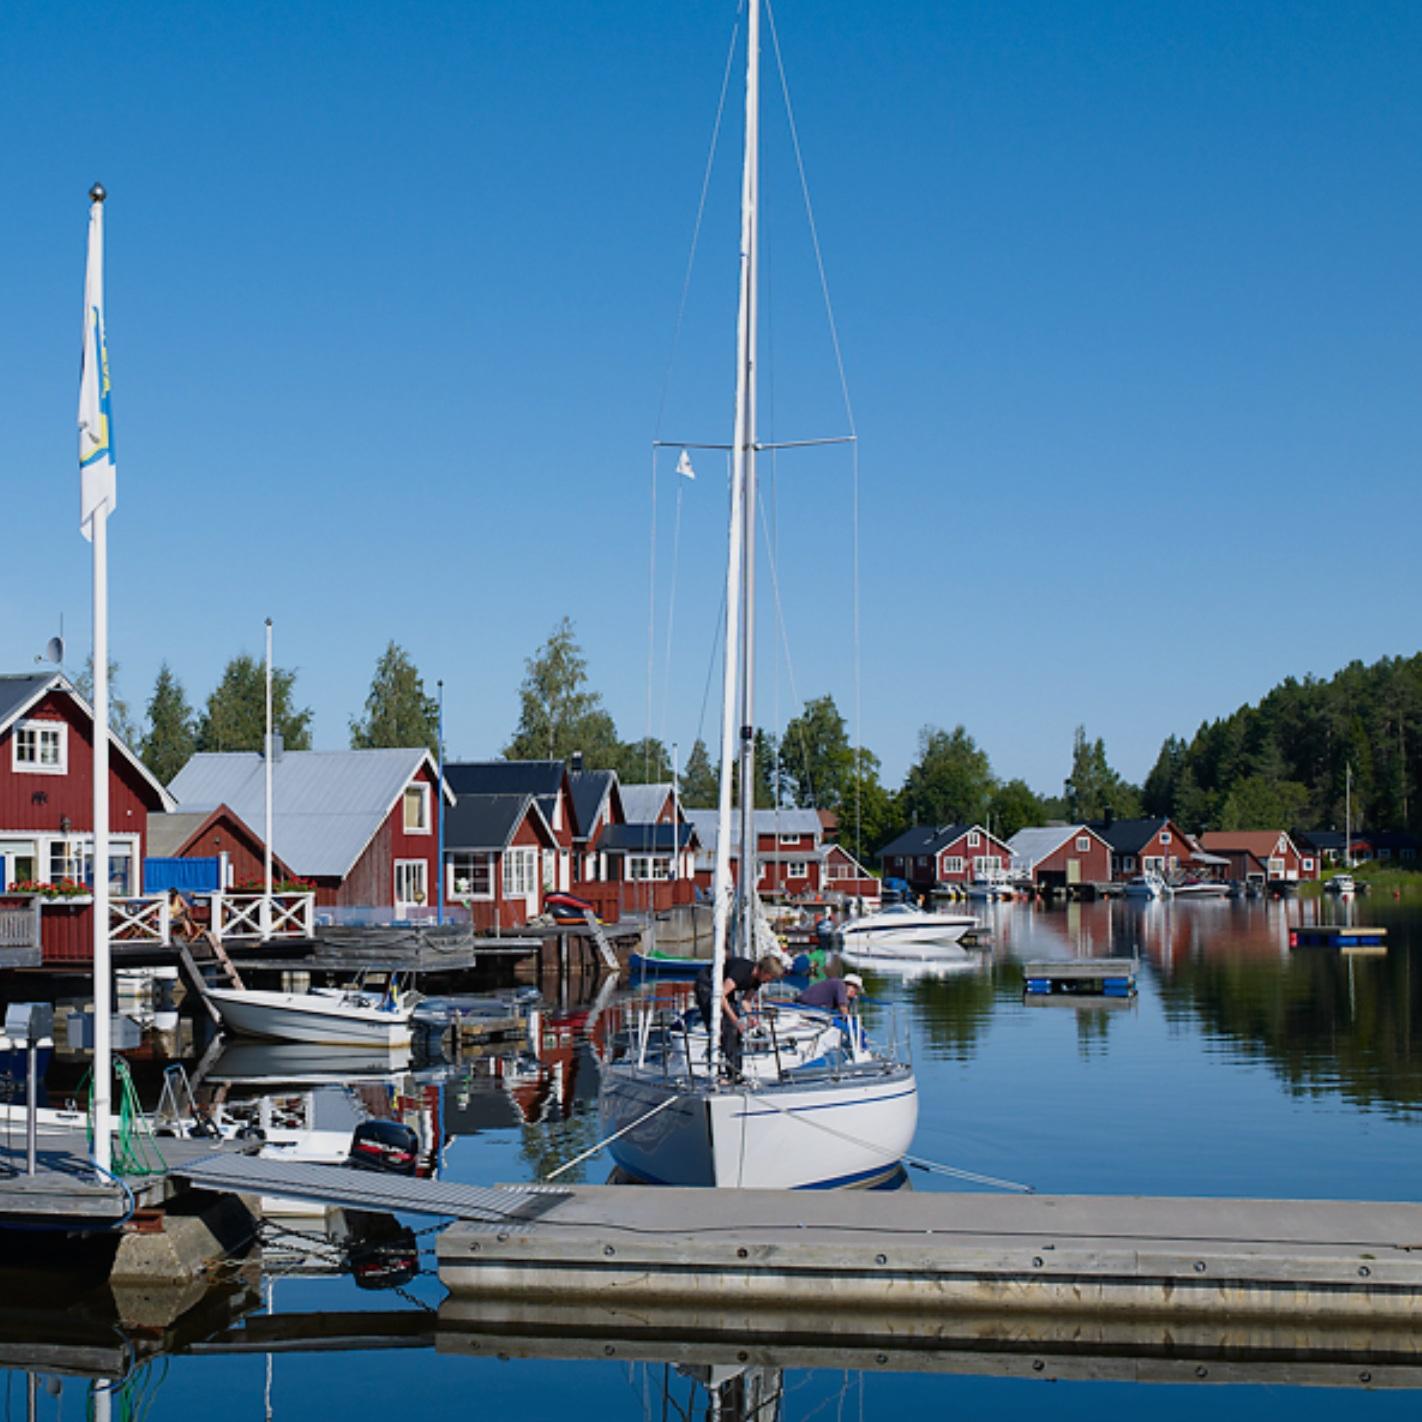 sevärdhet - KUSTVÄGEN, GENOM HÄLSINGLAND & MEDELPADKustvägen är en riktig vacker turistväg som går genom skogs- och jordbrukslandskap och det är alltid nära till havet! En unik vägsträcka i nordöstra Hälsingland och sydöstra Medelpad. Här finns ett pärlband av spännande miljöer som har något för alla. Lämna E4:an och upplev den härliga kustremsan på 75 km väg som innehåller både levande genuina fiskelägen, sol och bad, Norrlands längsta sandstrand, restauranger och caféer, industriminnen, golfbanor, hotell, campingplatser och pensionat, sommar- och gårdsbutiker, ångloksbana, djur, natur och fiske.Tips inskickat av: Fredrik Fischer